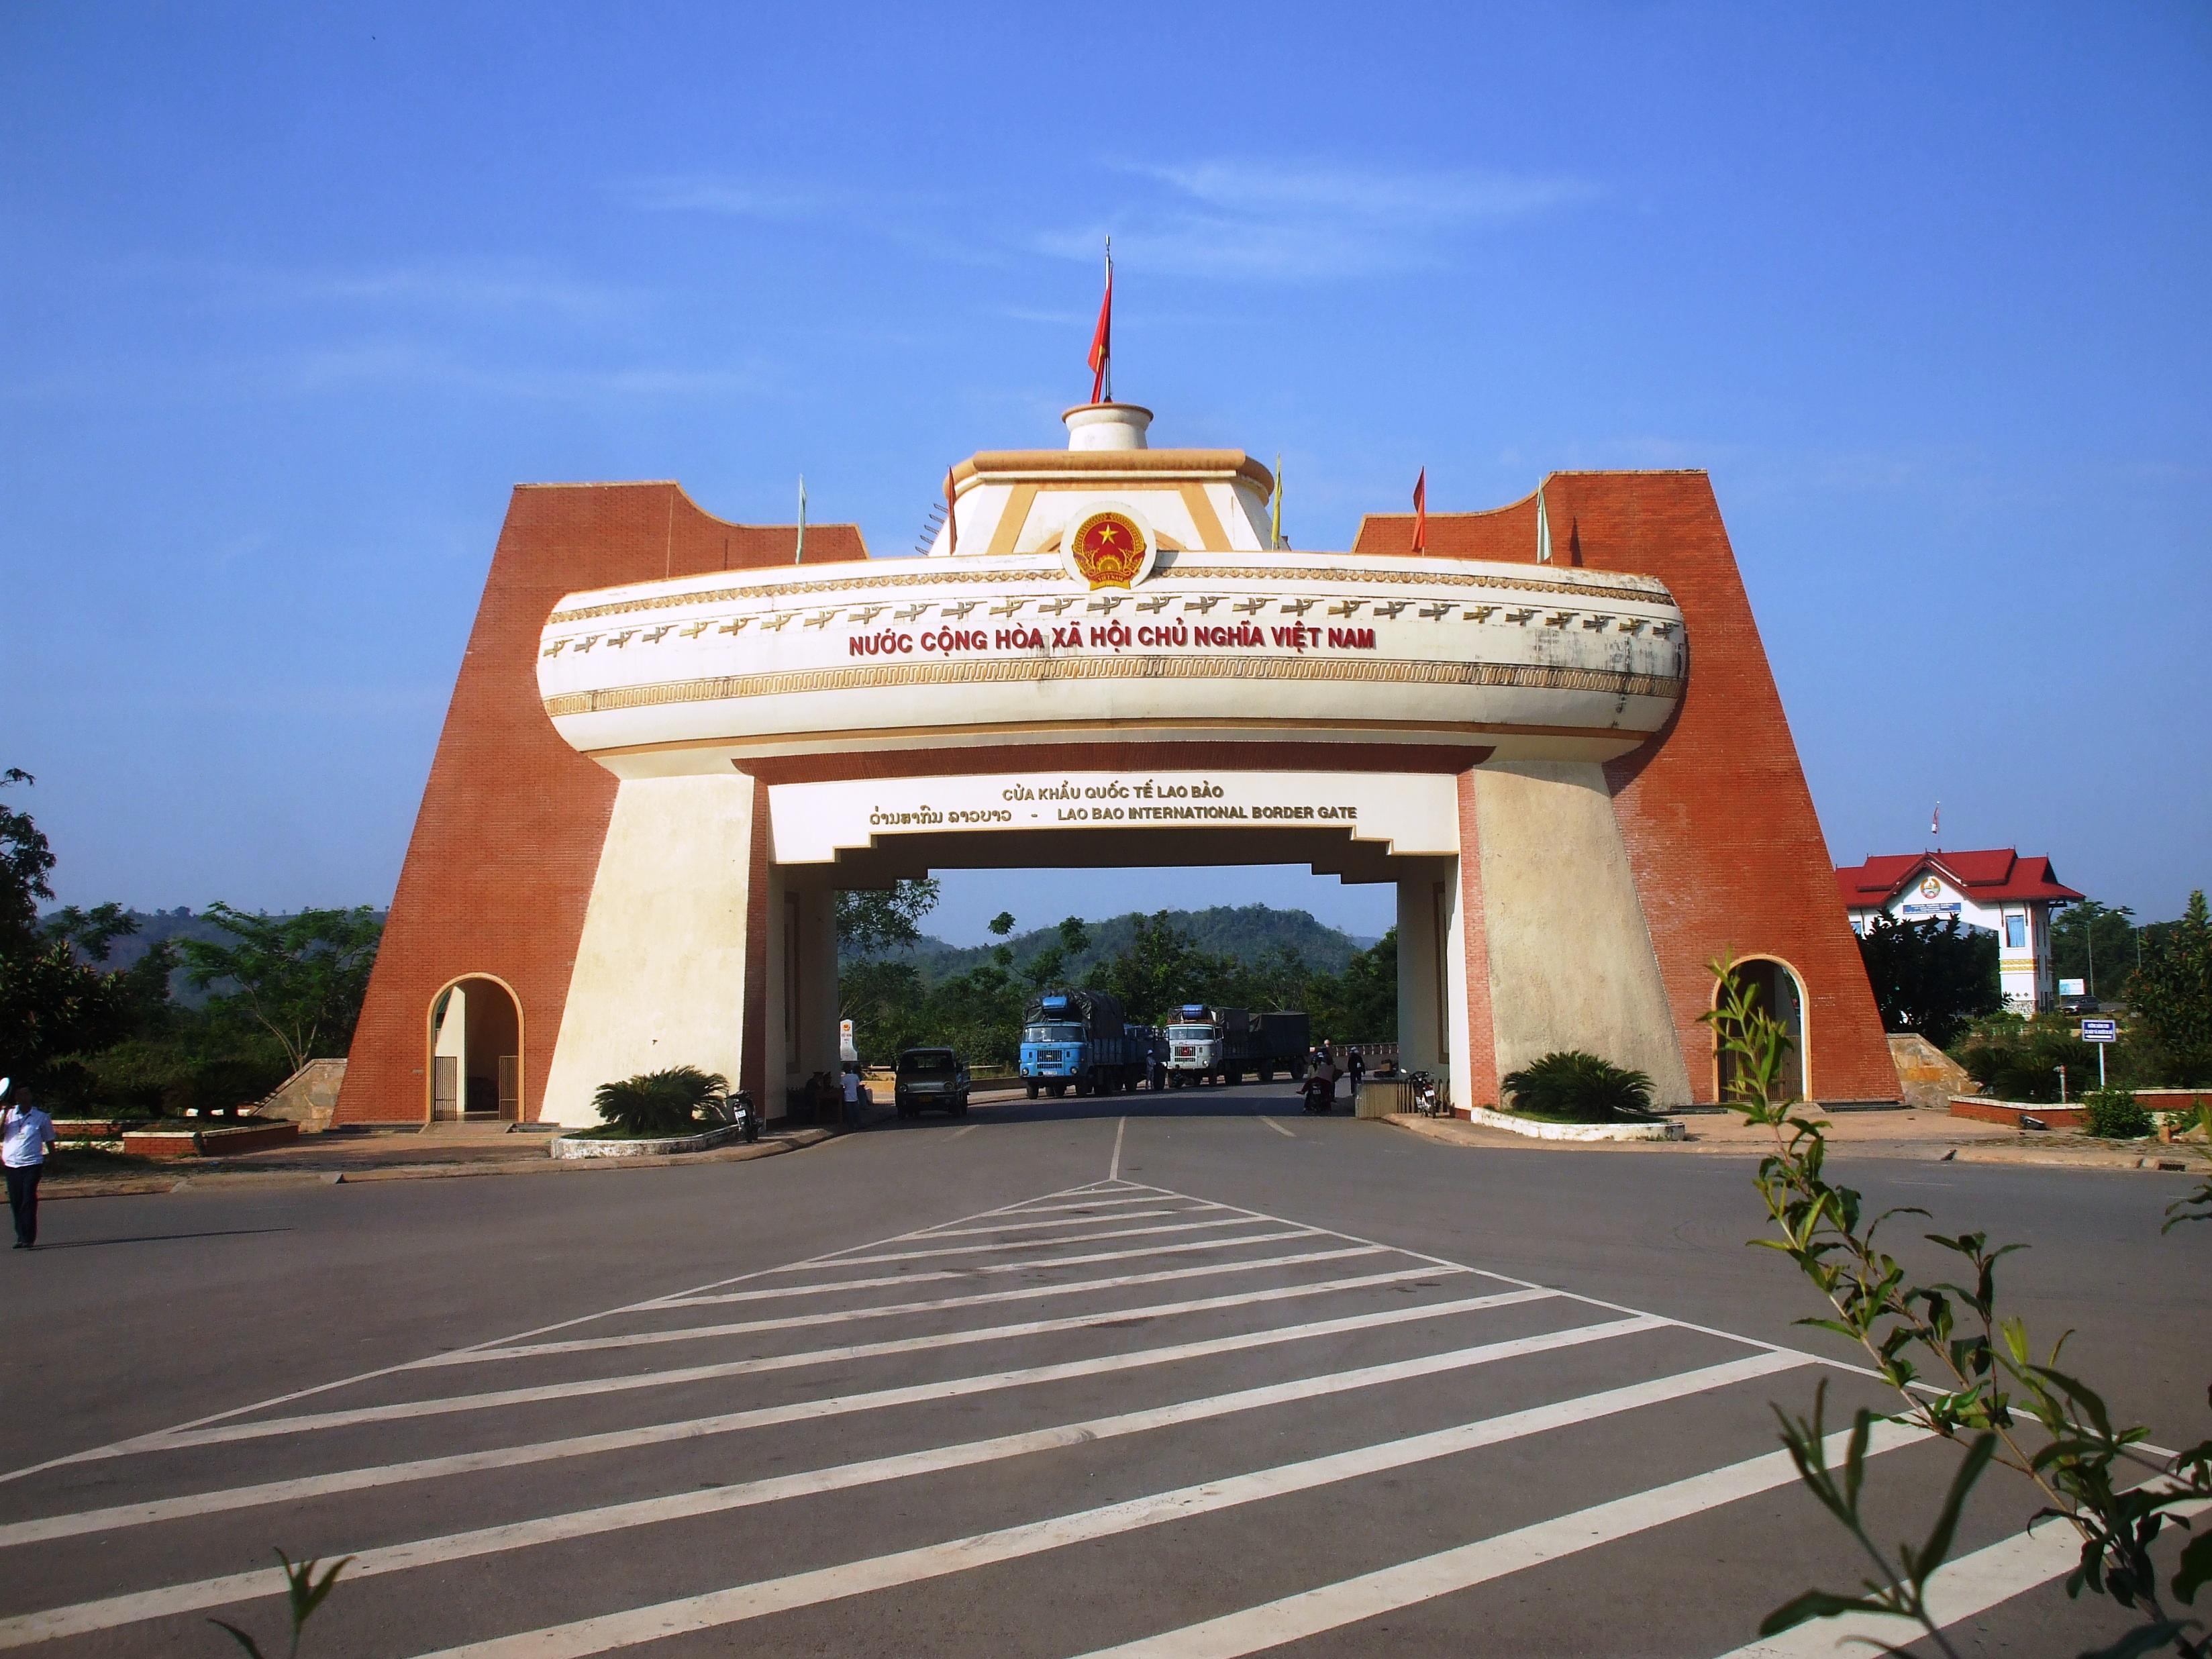 Quyết định phê duyệt Nhiệm vụ Quy hoạch chi tiết xây dựng Khu trung tâm cửa khẩu Đăk Ruê, xã Ea Bung, huyện Ea Súp, tỉnh Đắk Lắk